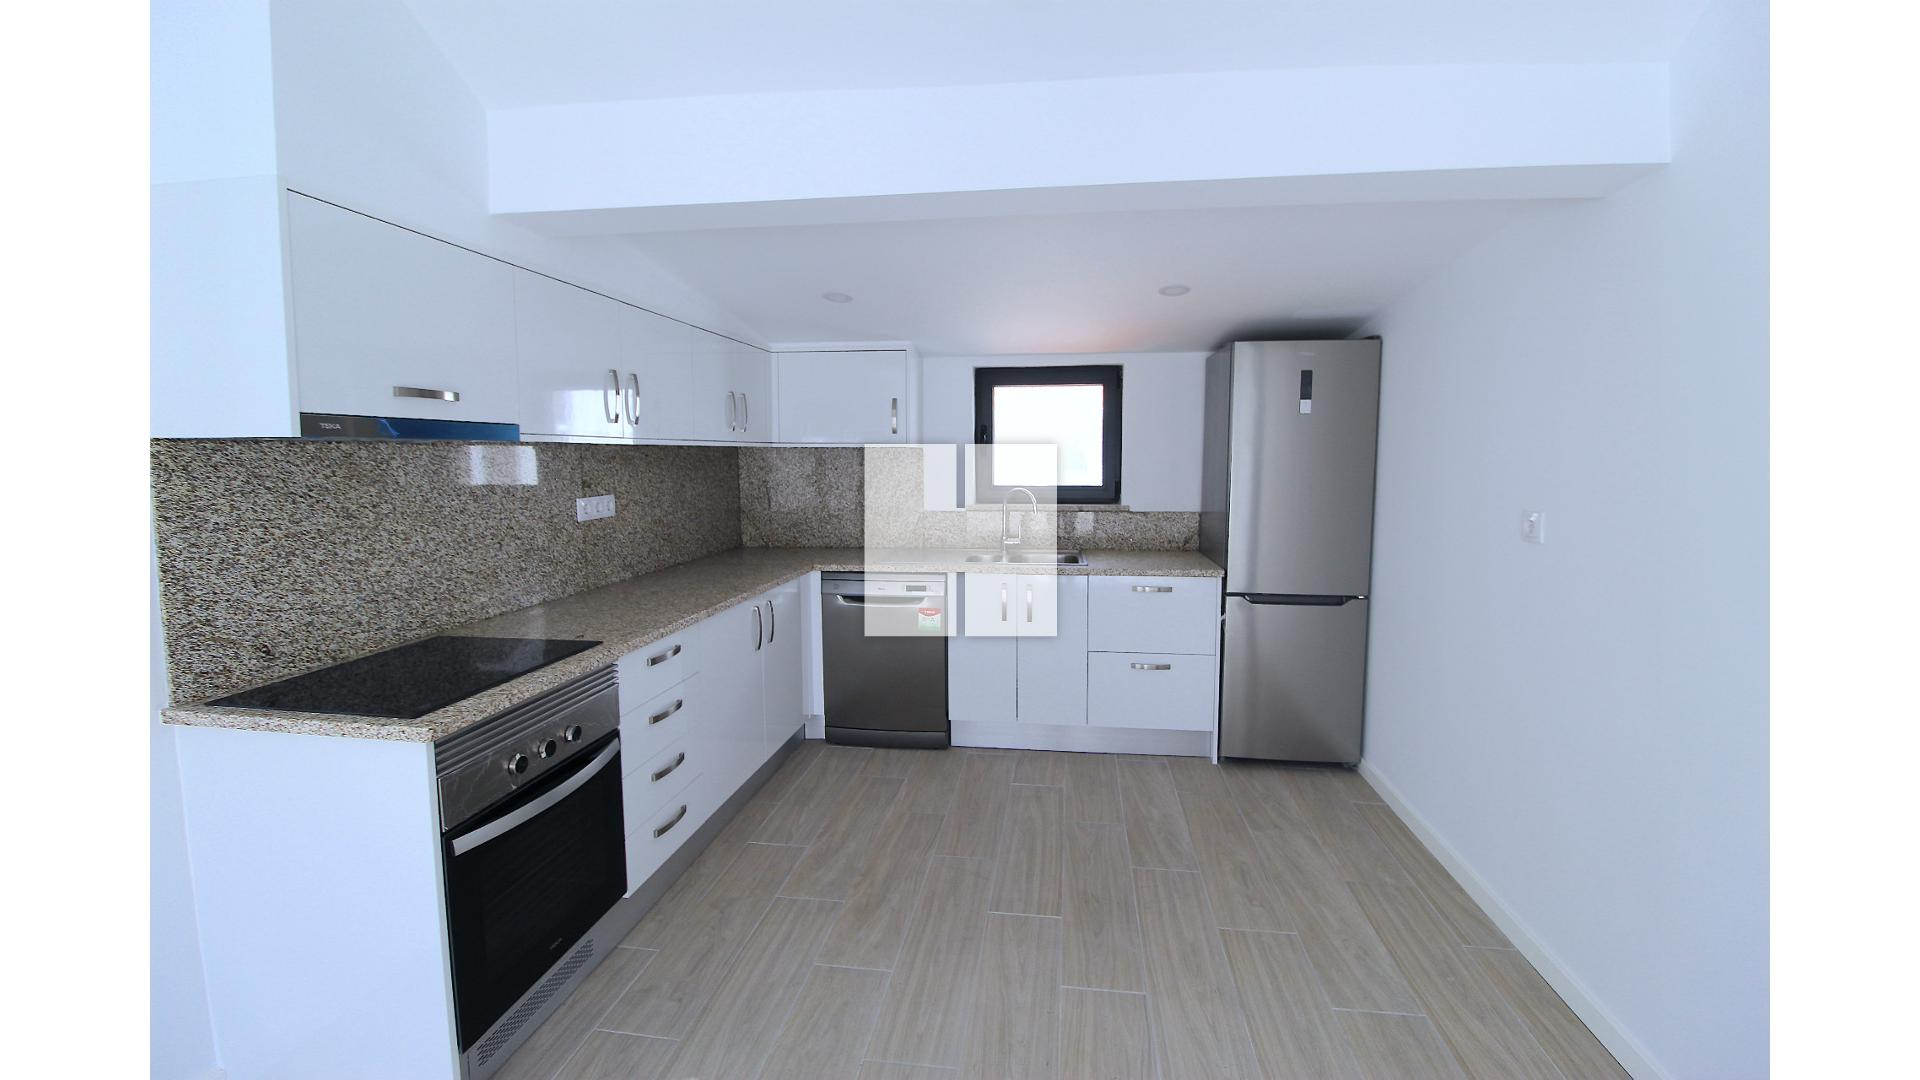 Apartamento T2+1 a Estreia figueira da foz, Buarcos e Sao Juliao